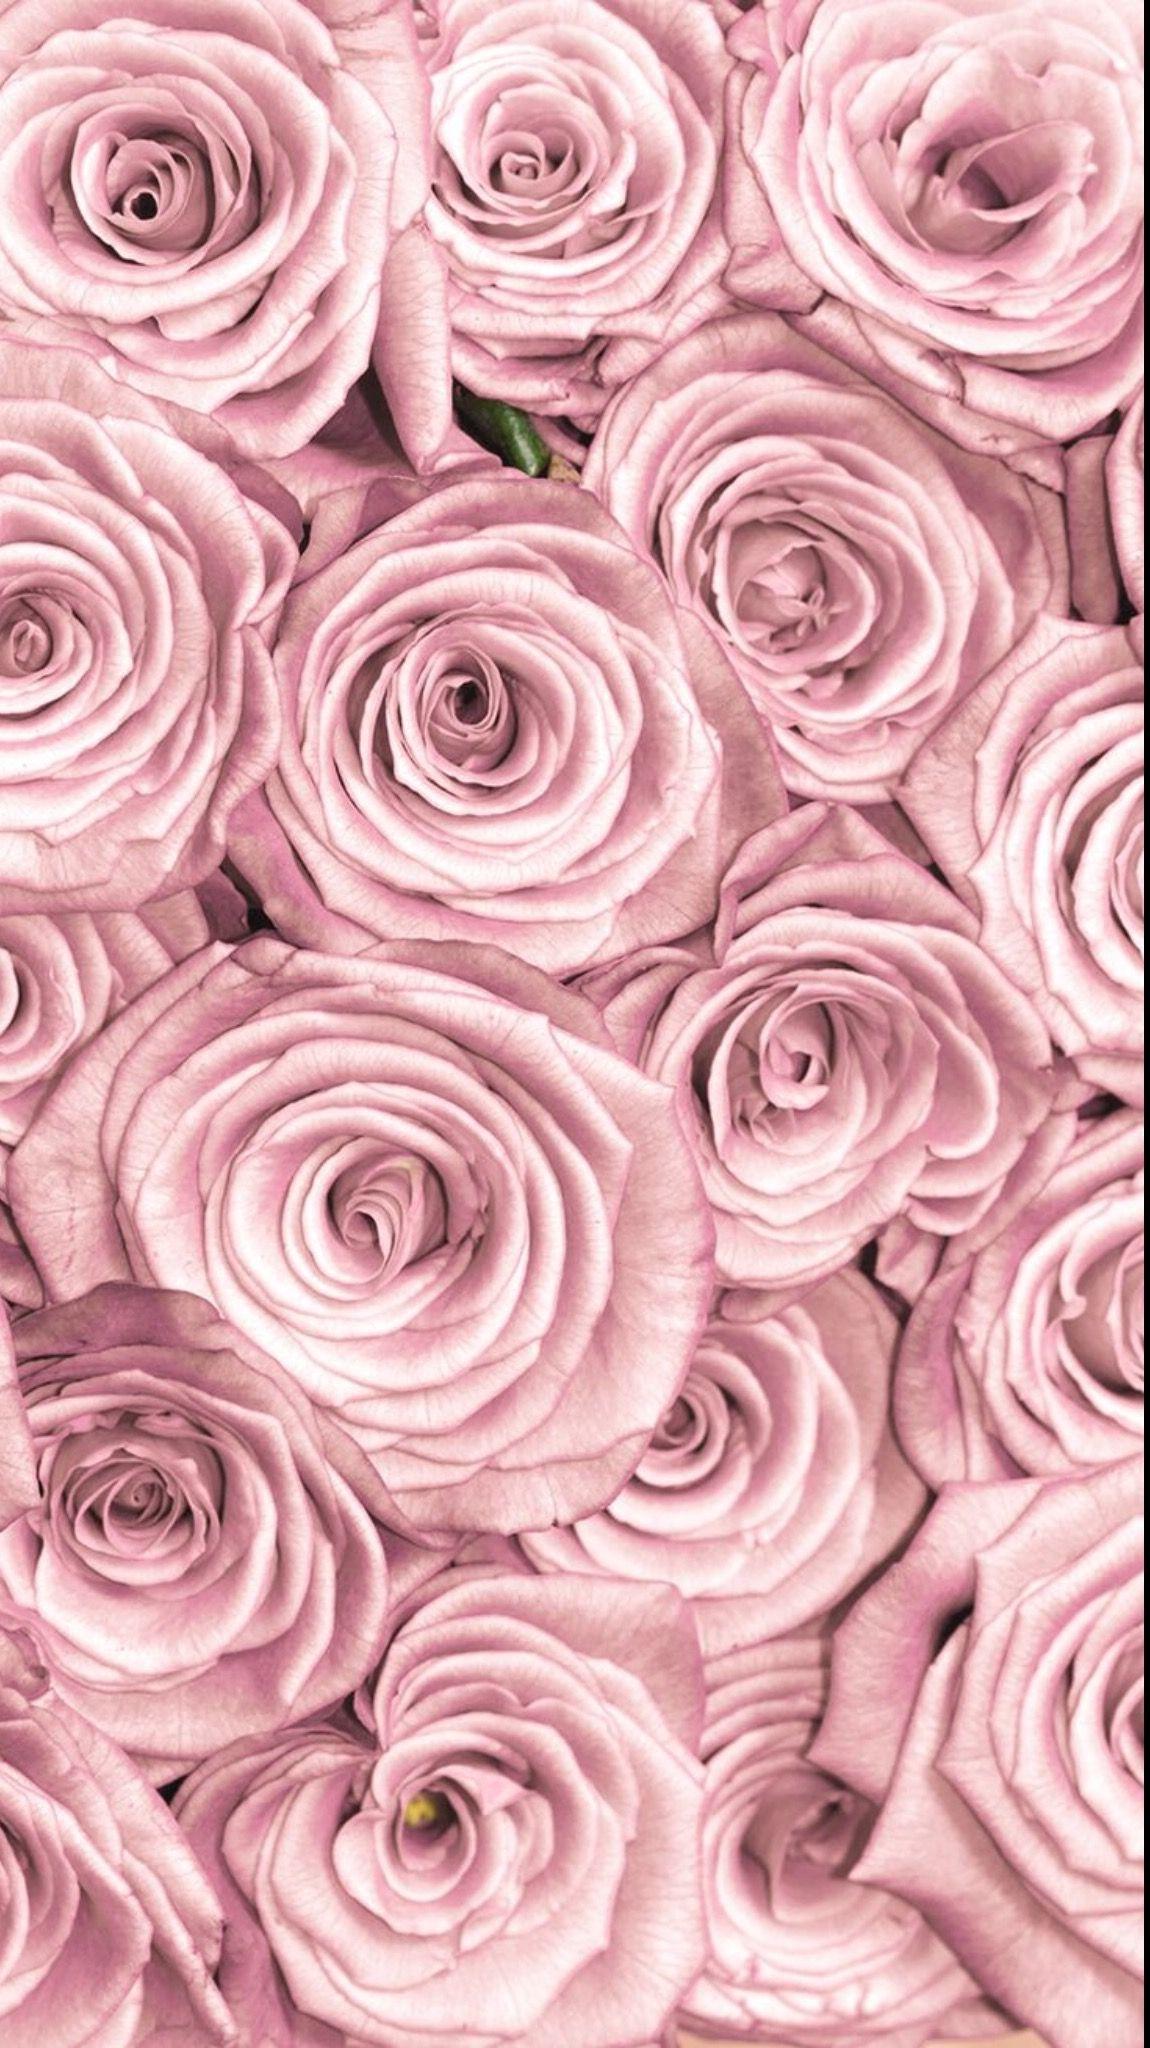 Flowers Lockscreen Rose Gold Iphone Fondos De Pantalla Fondos